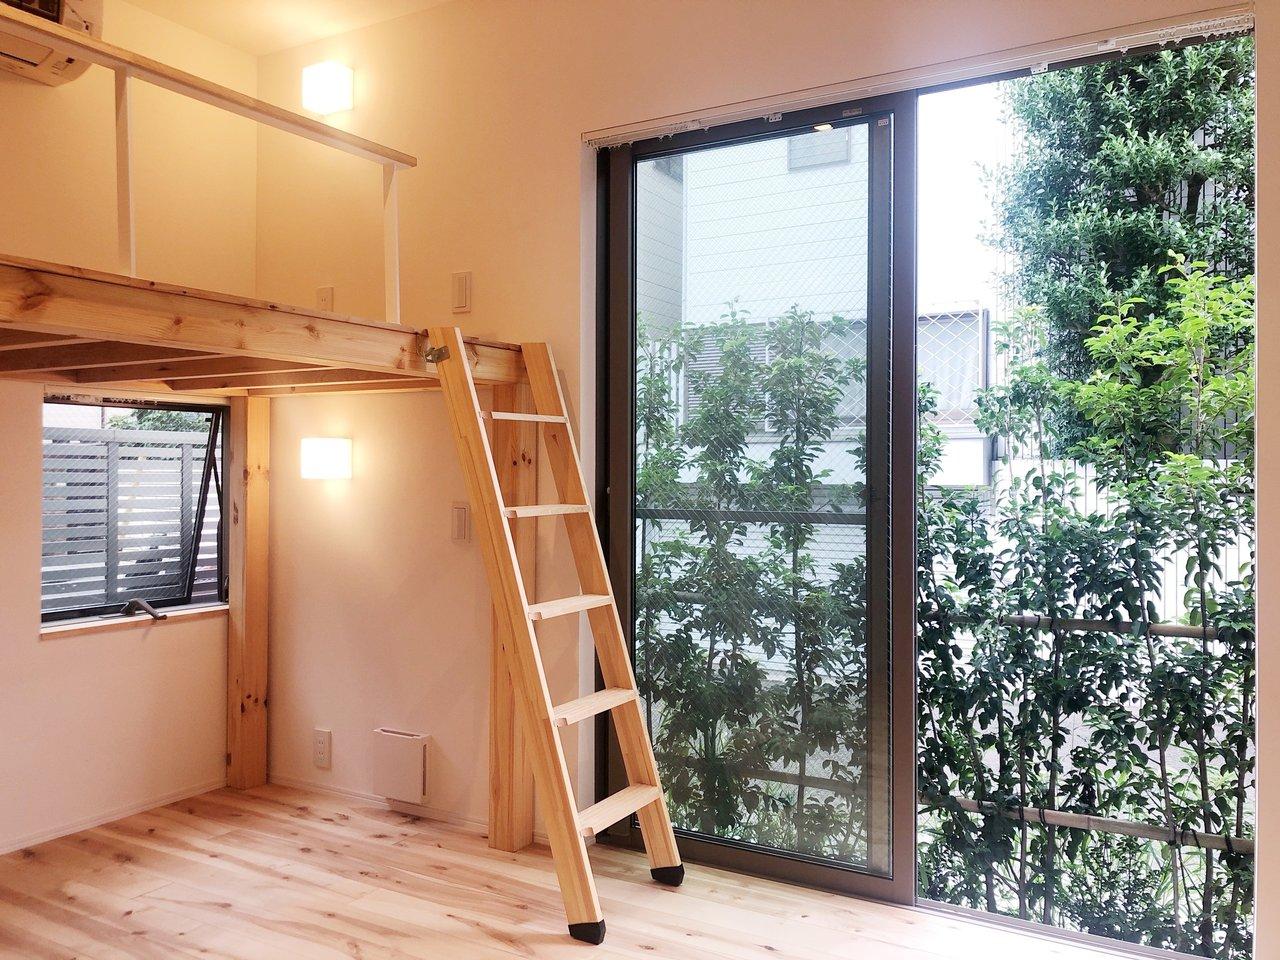 窓から見える緑と、無垢床の温かさと暖色ライトが合わさって、部屋全体が自然を感じる気持ちのよい空間。無垢床がふわっと香って、帰ってくるたびに幸せな気持ちになれそう。